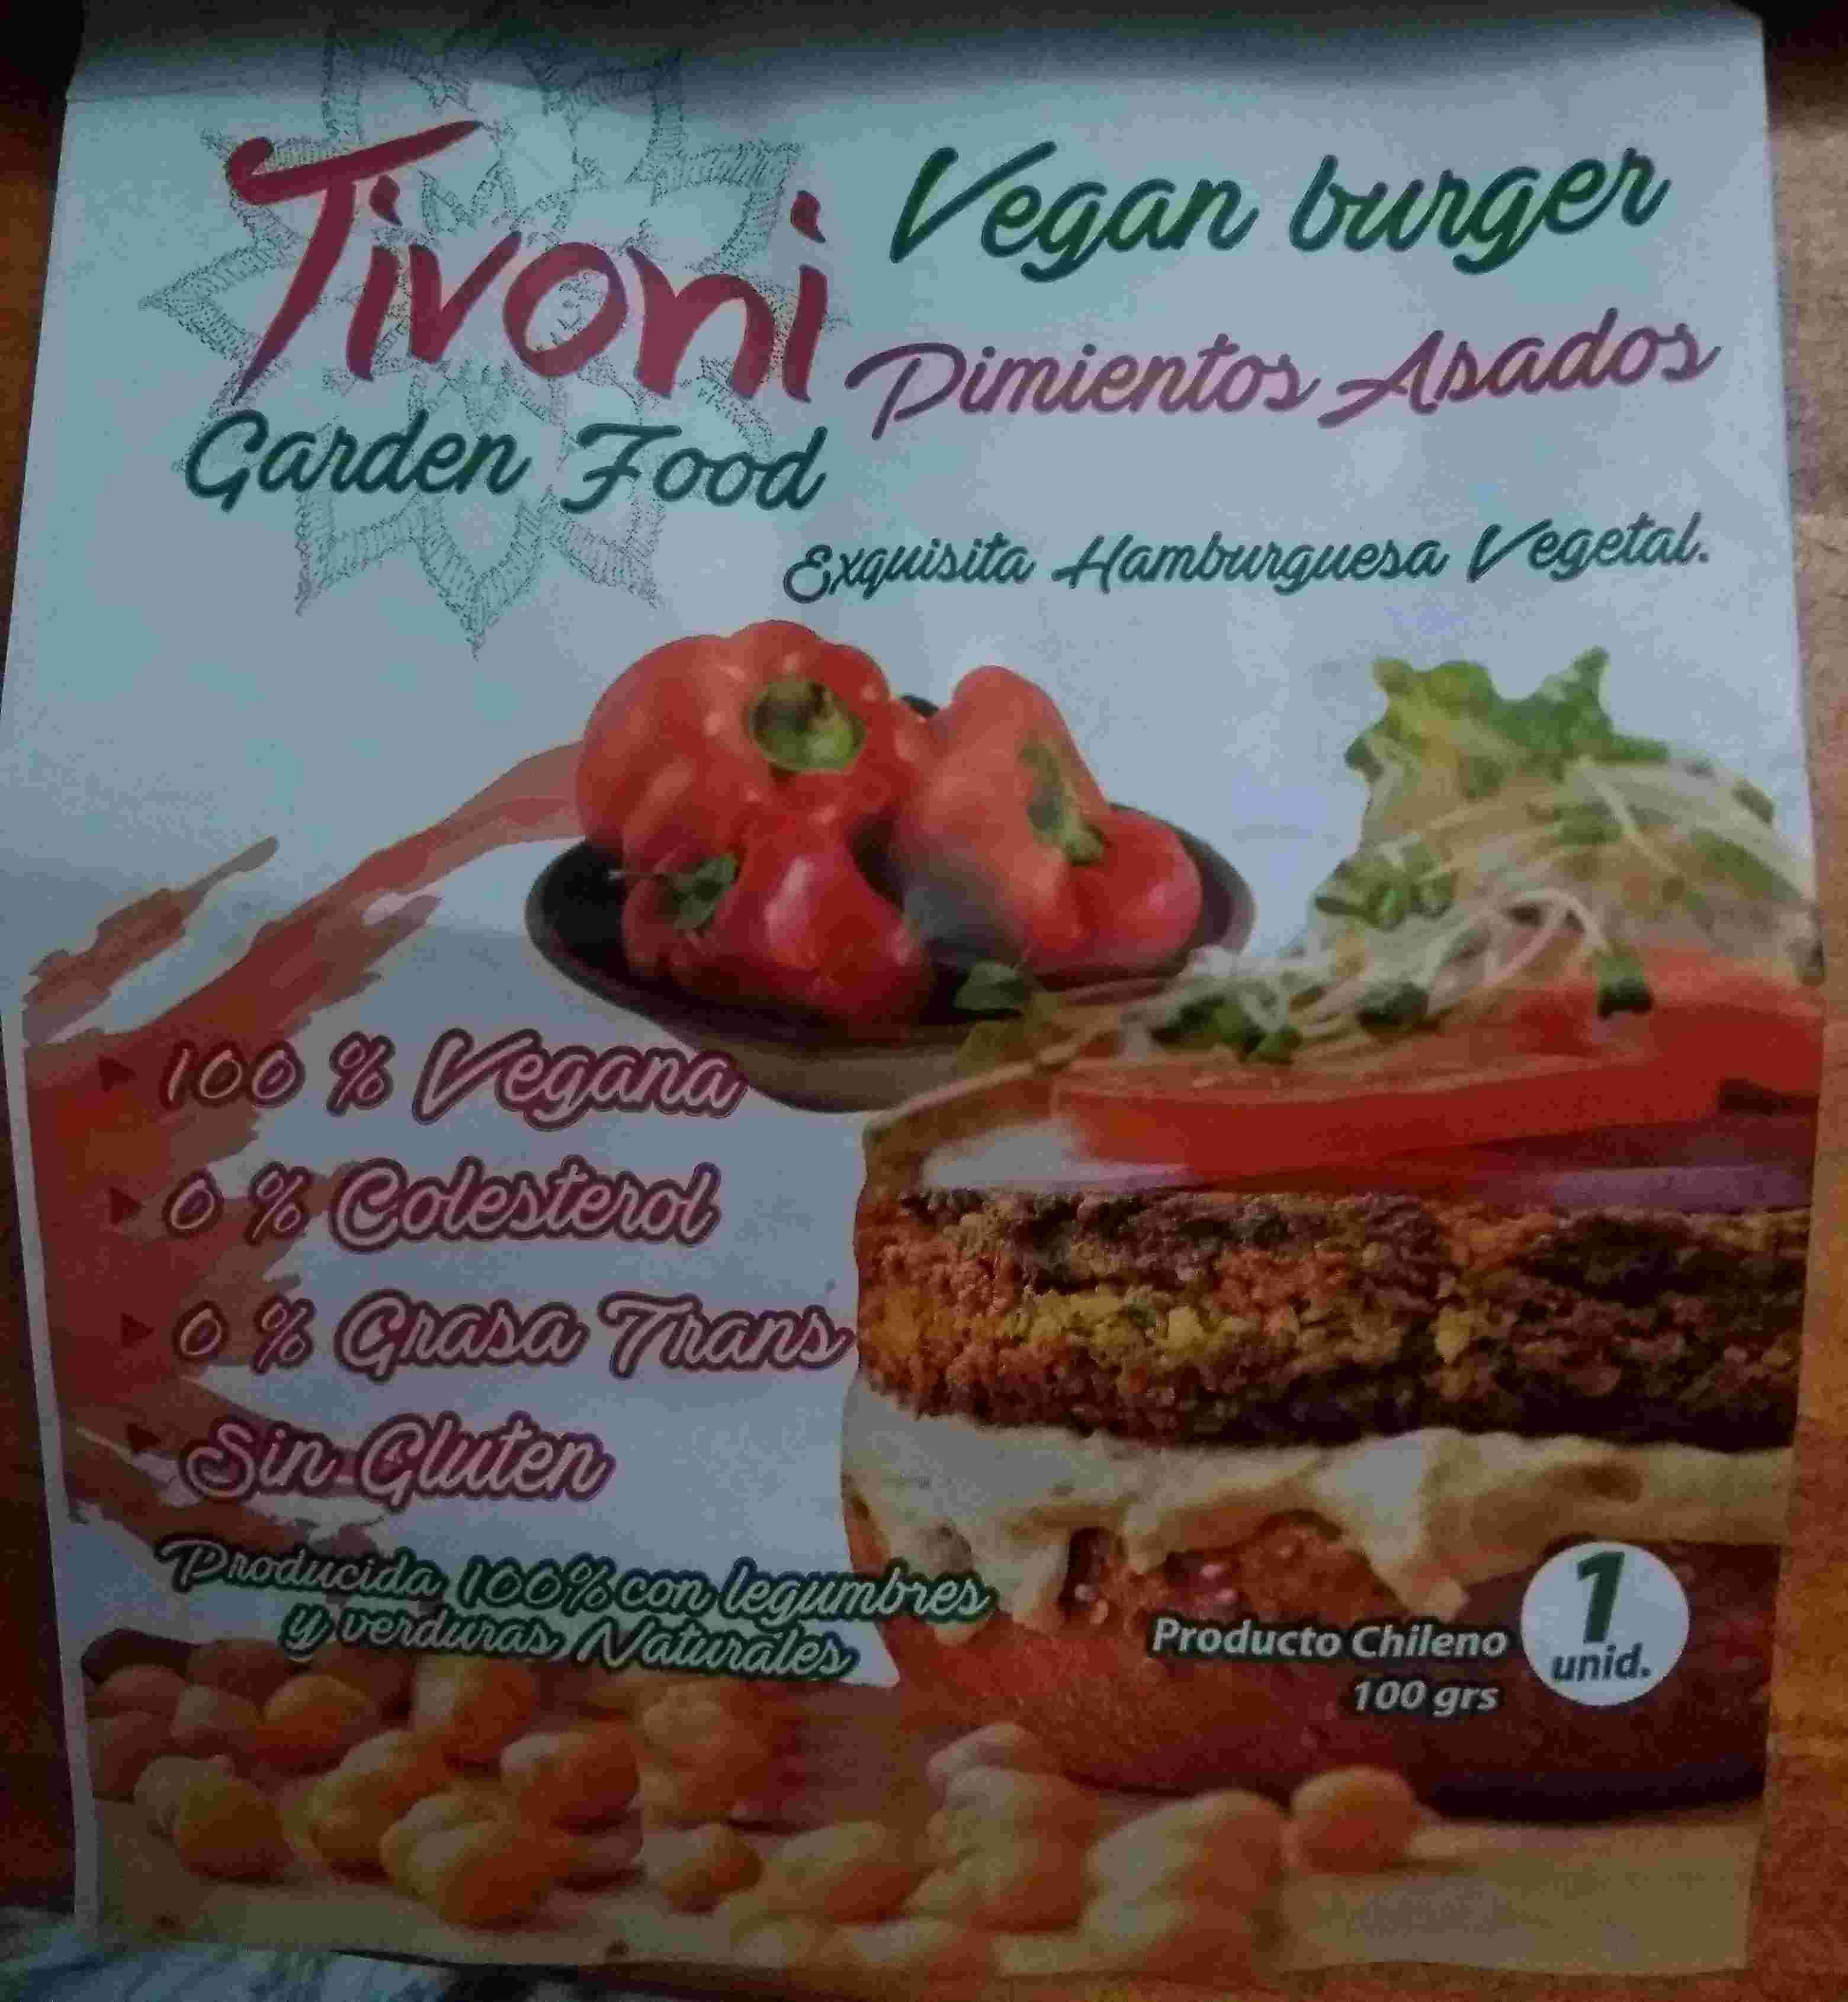 Hamburguesa de pimientos asados Tivoni - Product